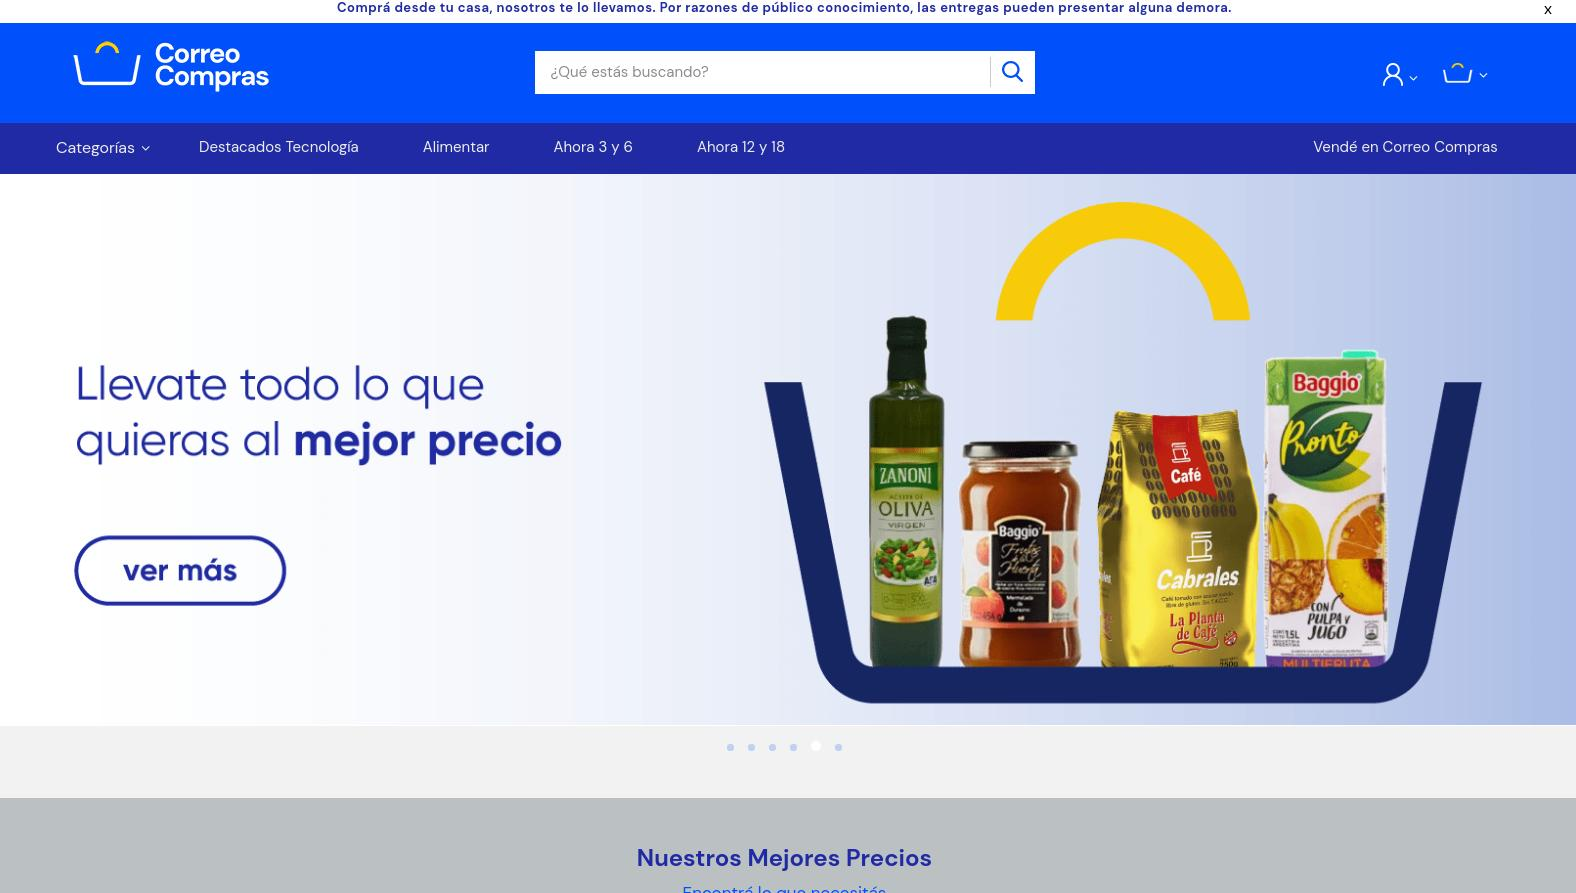 Correo Compras permitirá adquirir productos de todos los rubros a menores precios